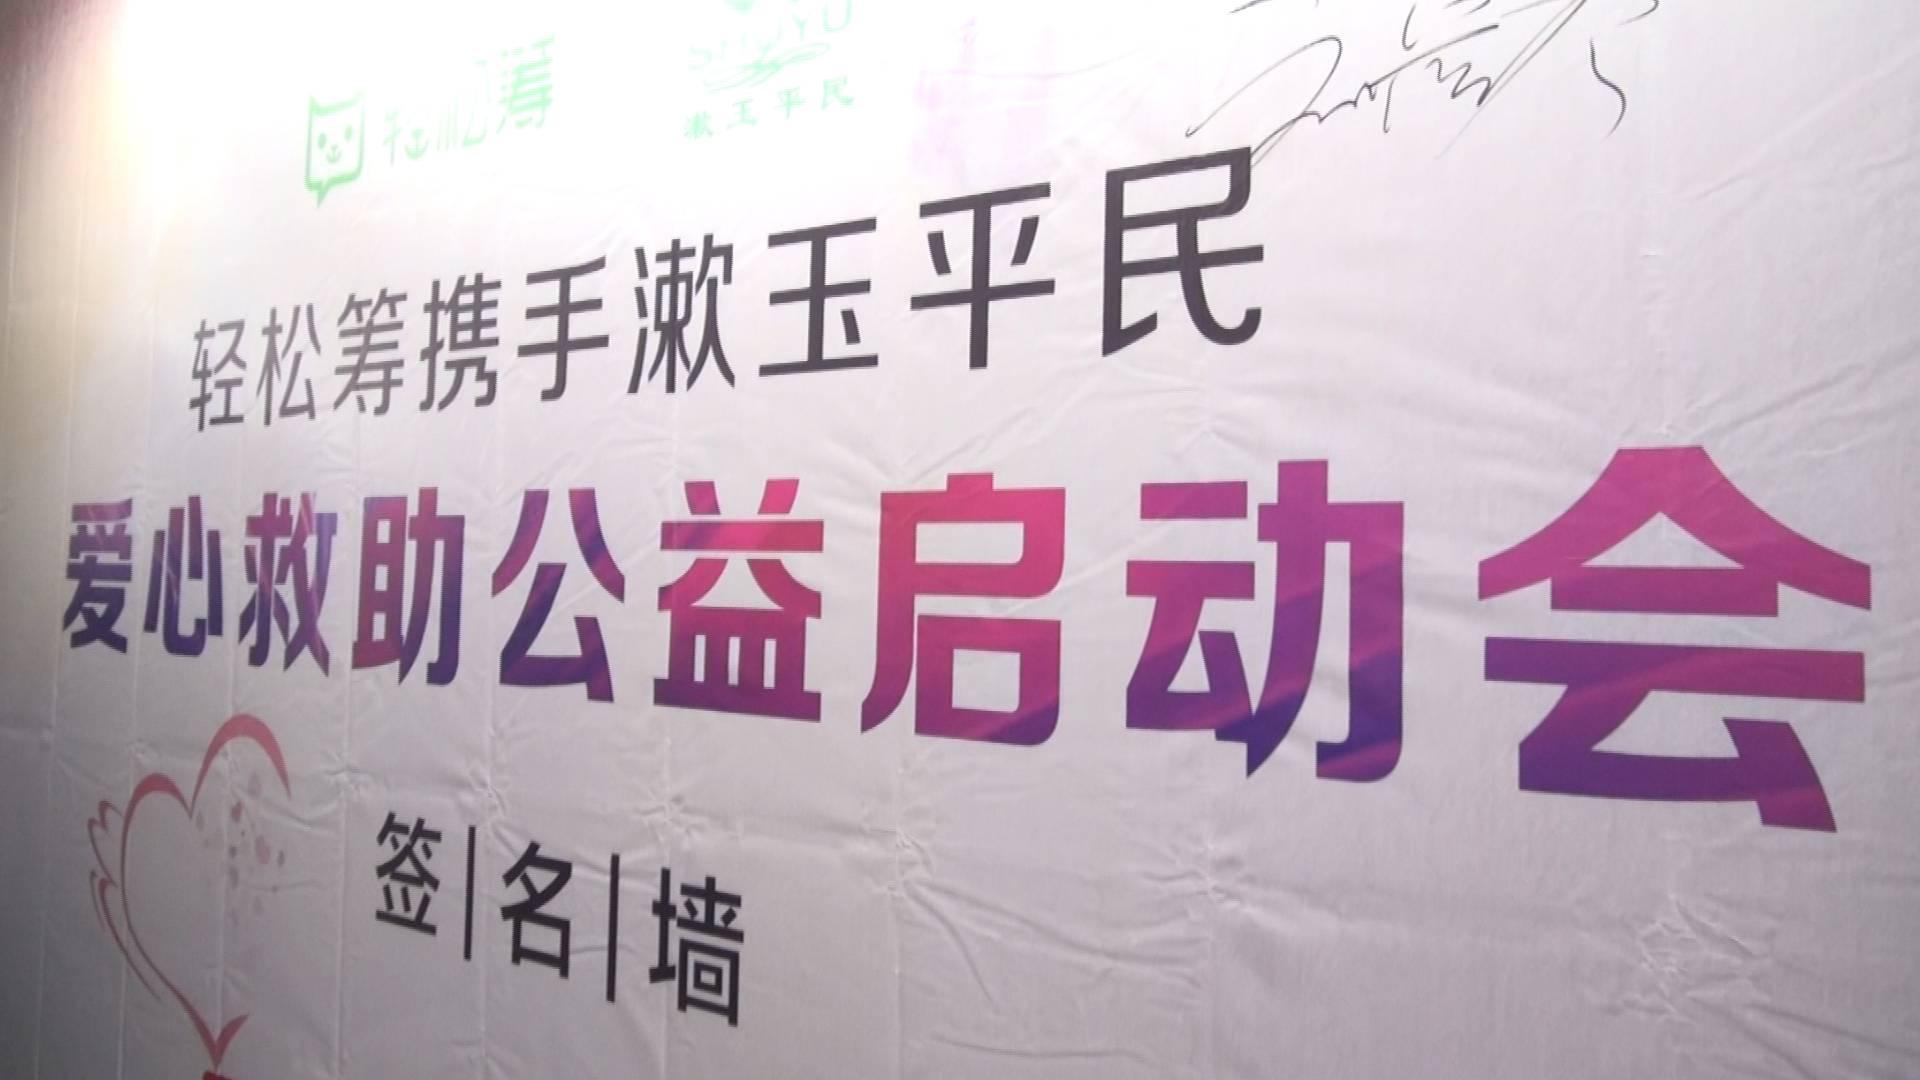 """23秒 大病救助新模式! 漱玉平民牵手""""轻松筹"""""""